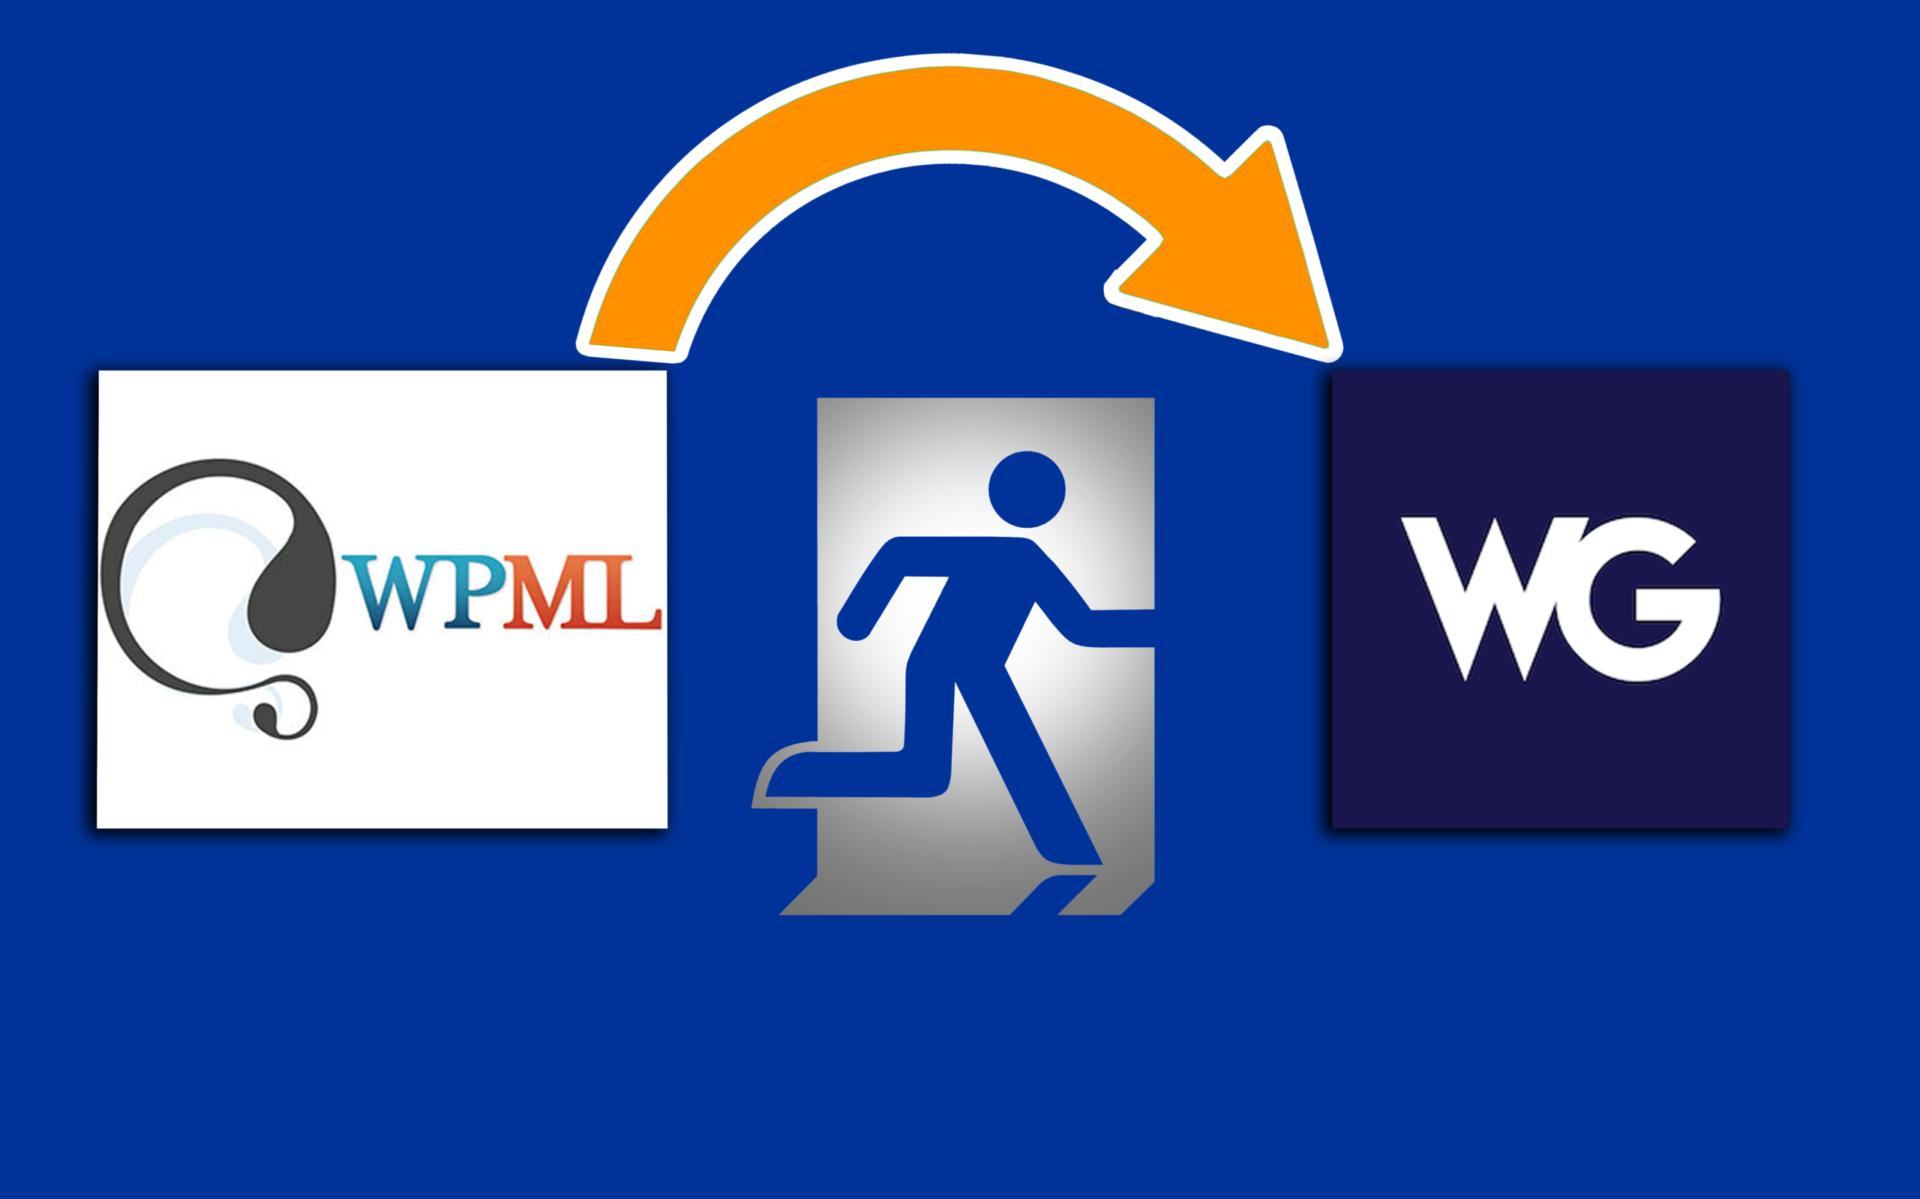 عشرة أسباب تجعلك تفضل إضافة Weglot على WPML